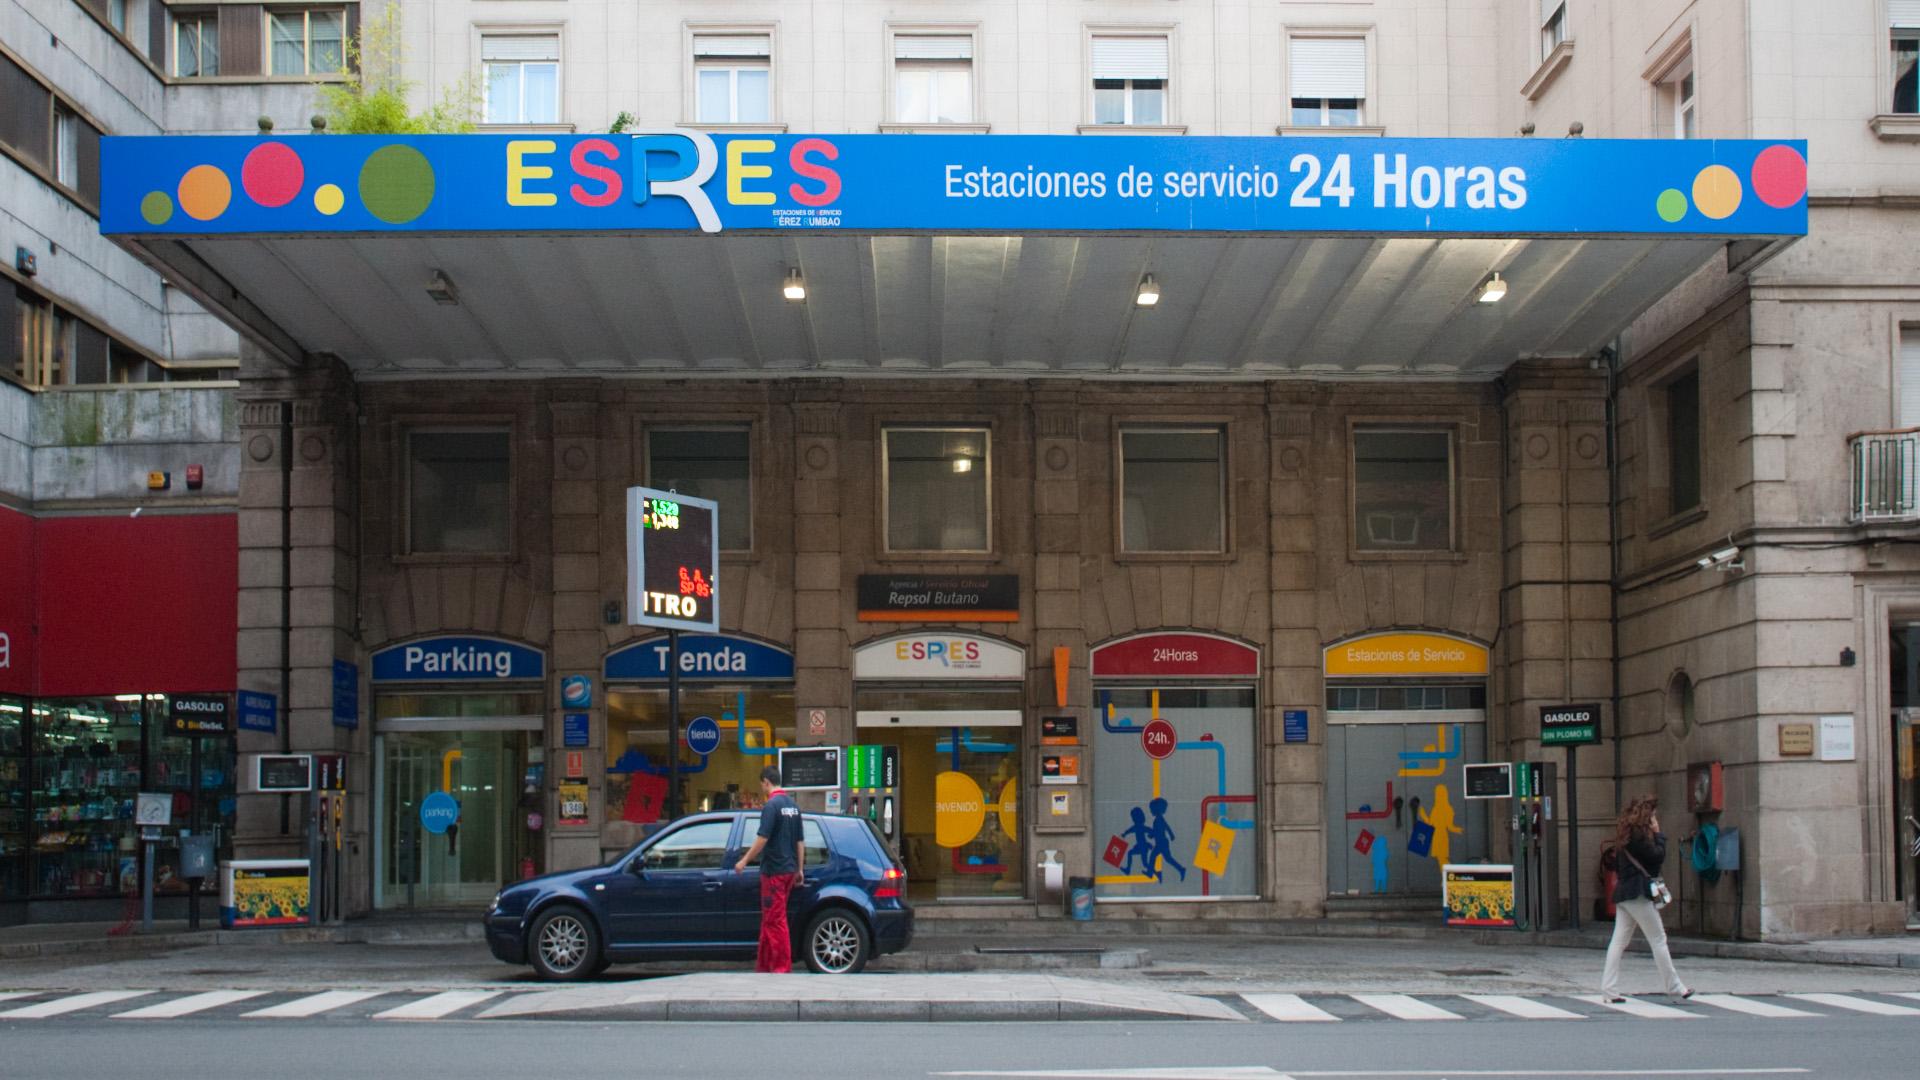 Estación de Servicio Pérez Rumbao, S.A